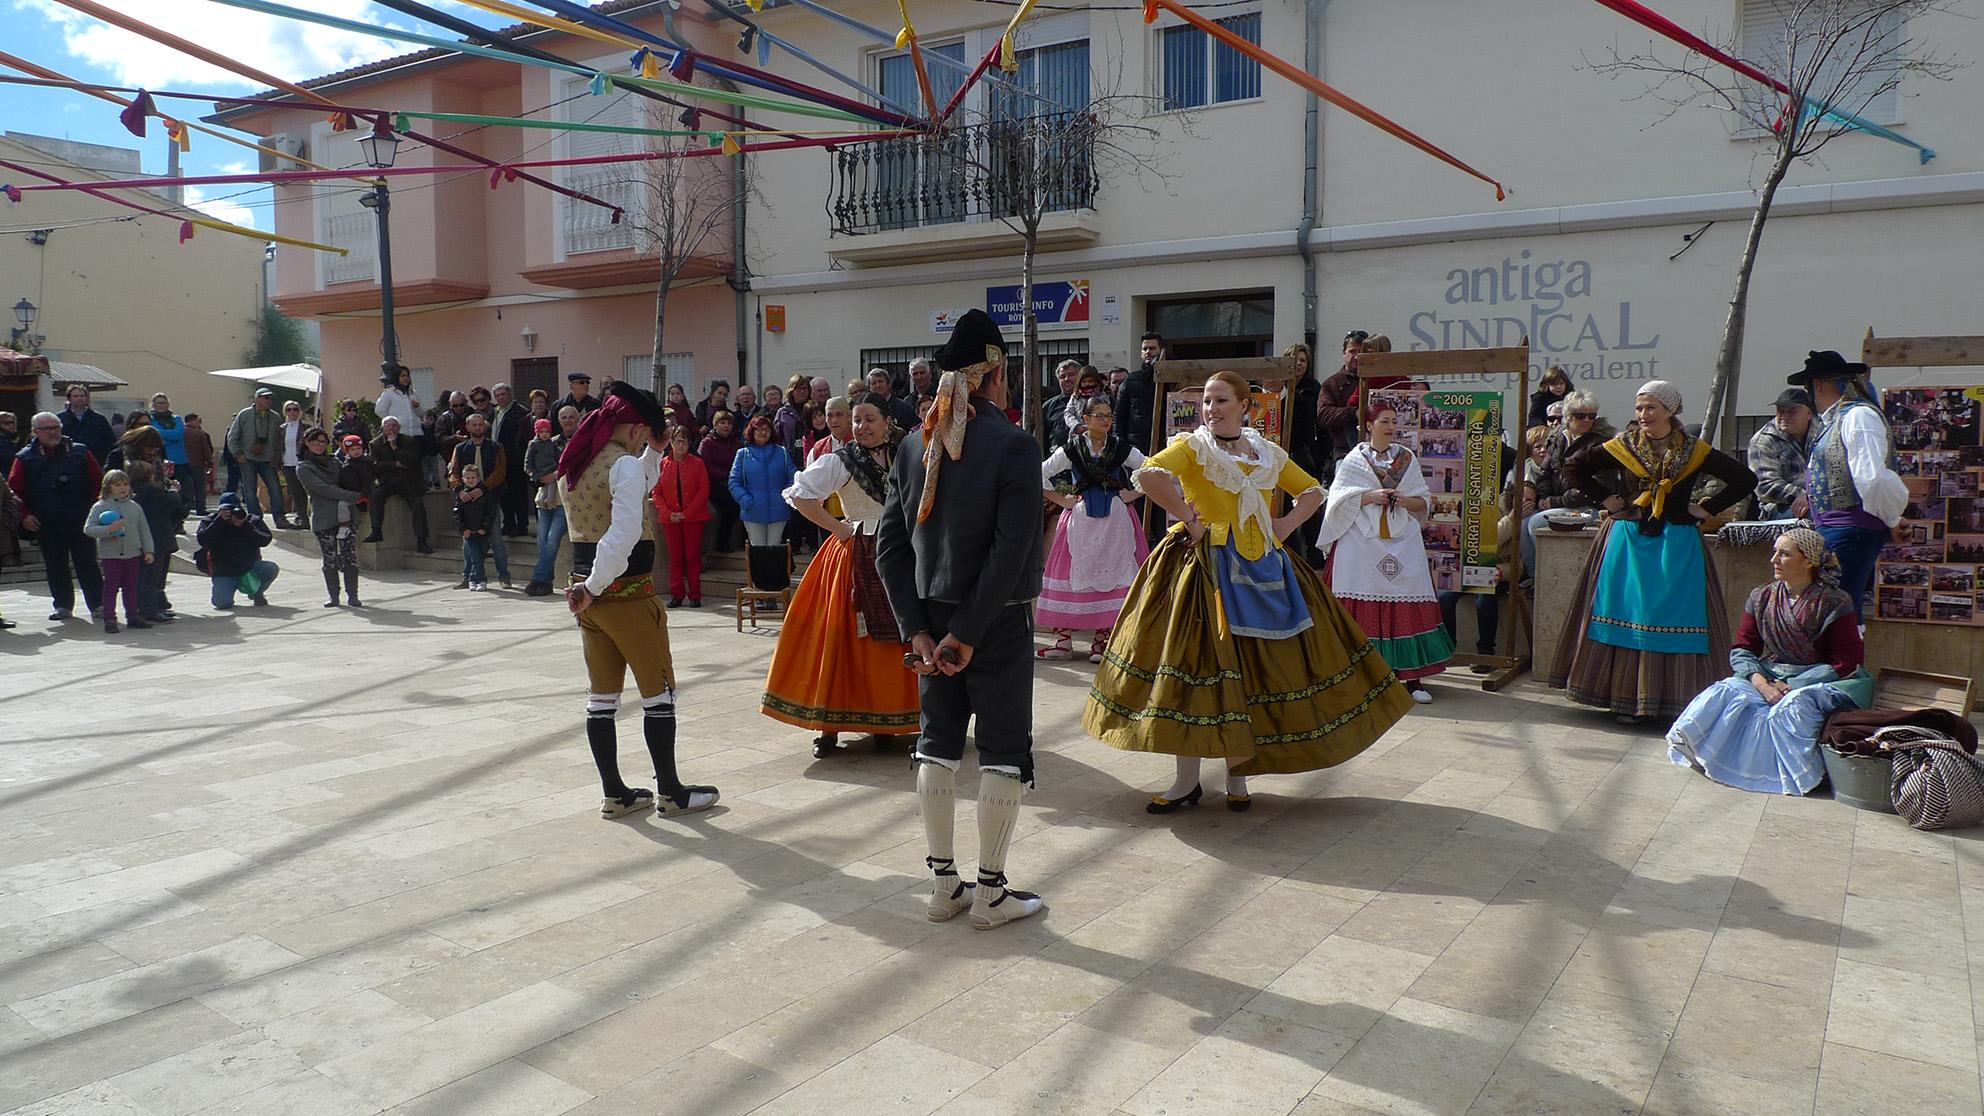 2015-02-21 Baladre al Porrat St Macia RotovaCAM (66)